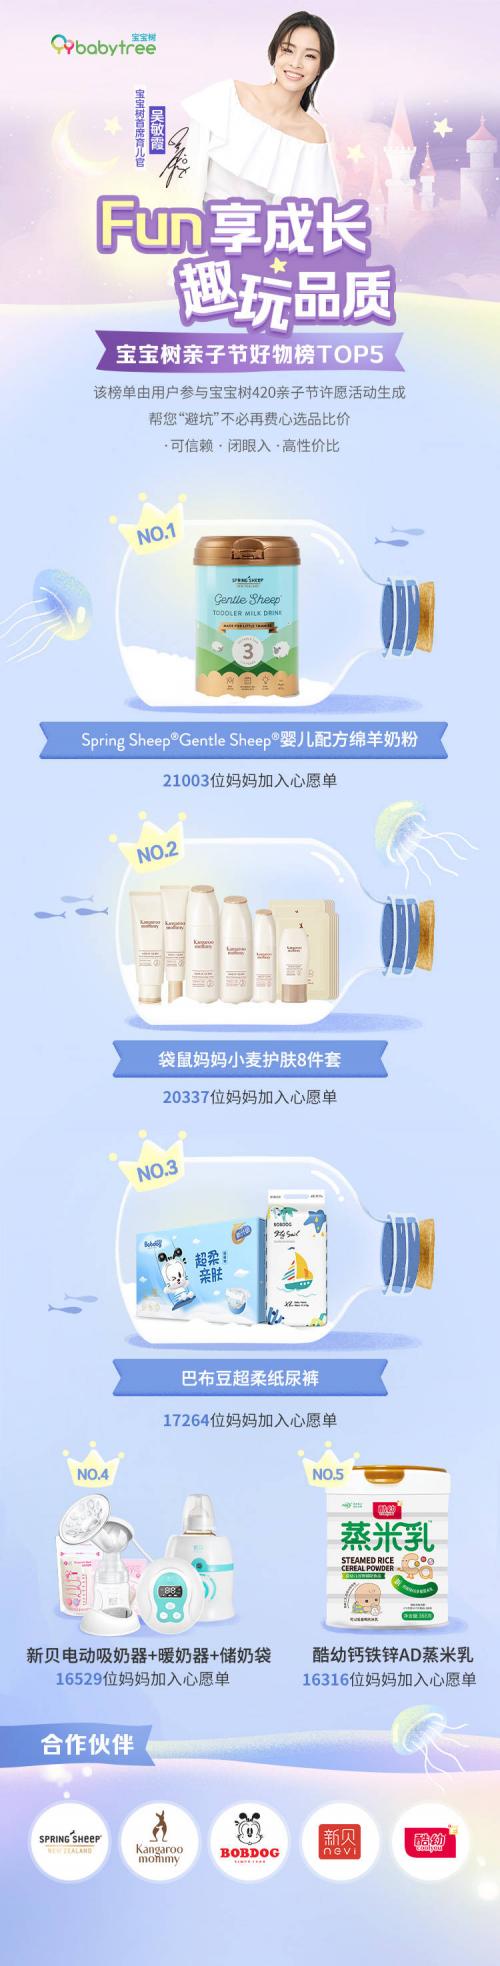 宝宝树420亲子节好物榜出炉,Spring Sheep婴儿绵羊奶粉荣获榜单Top1!